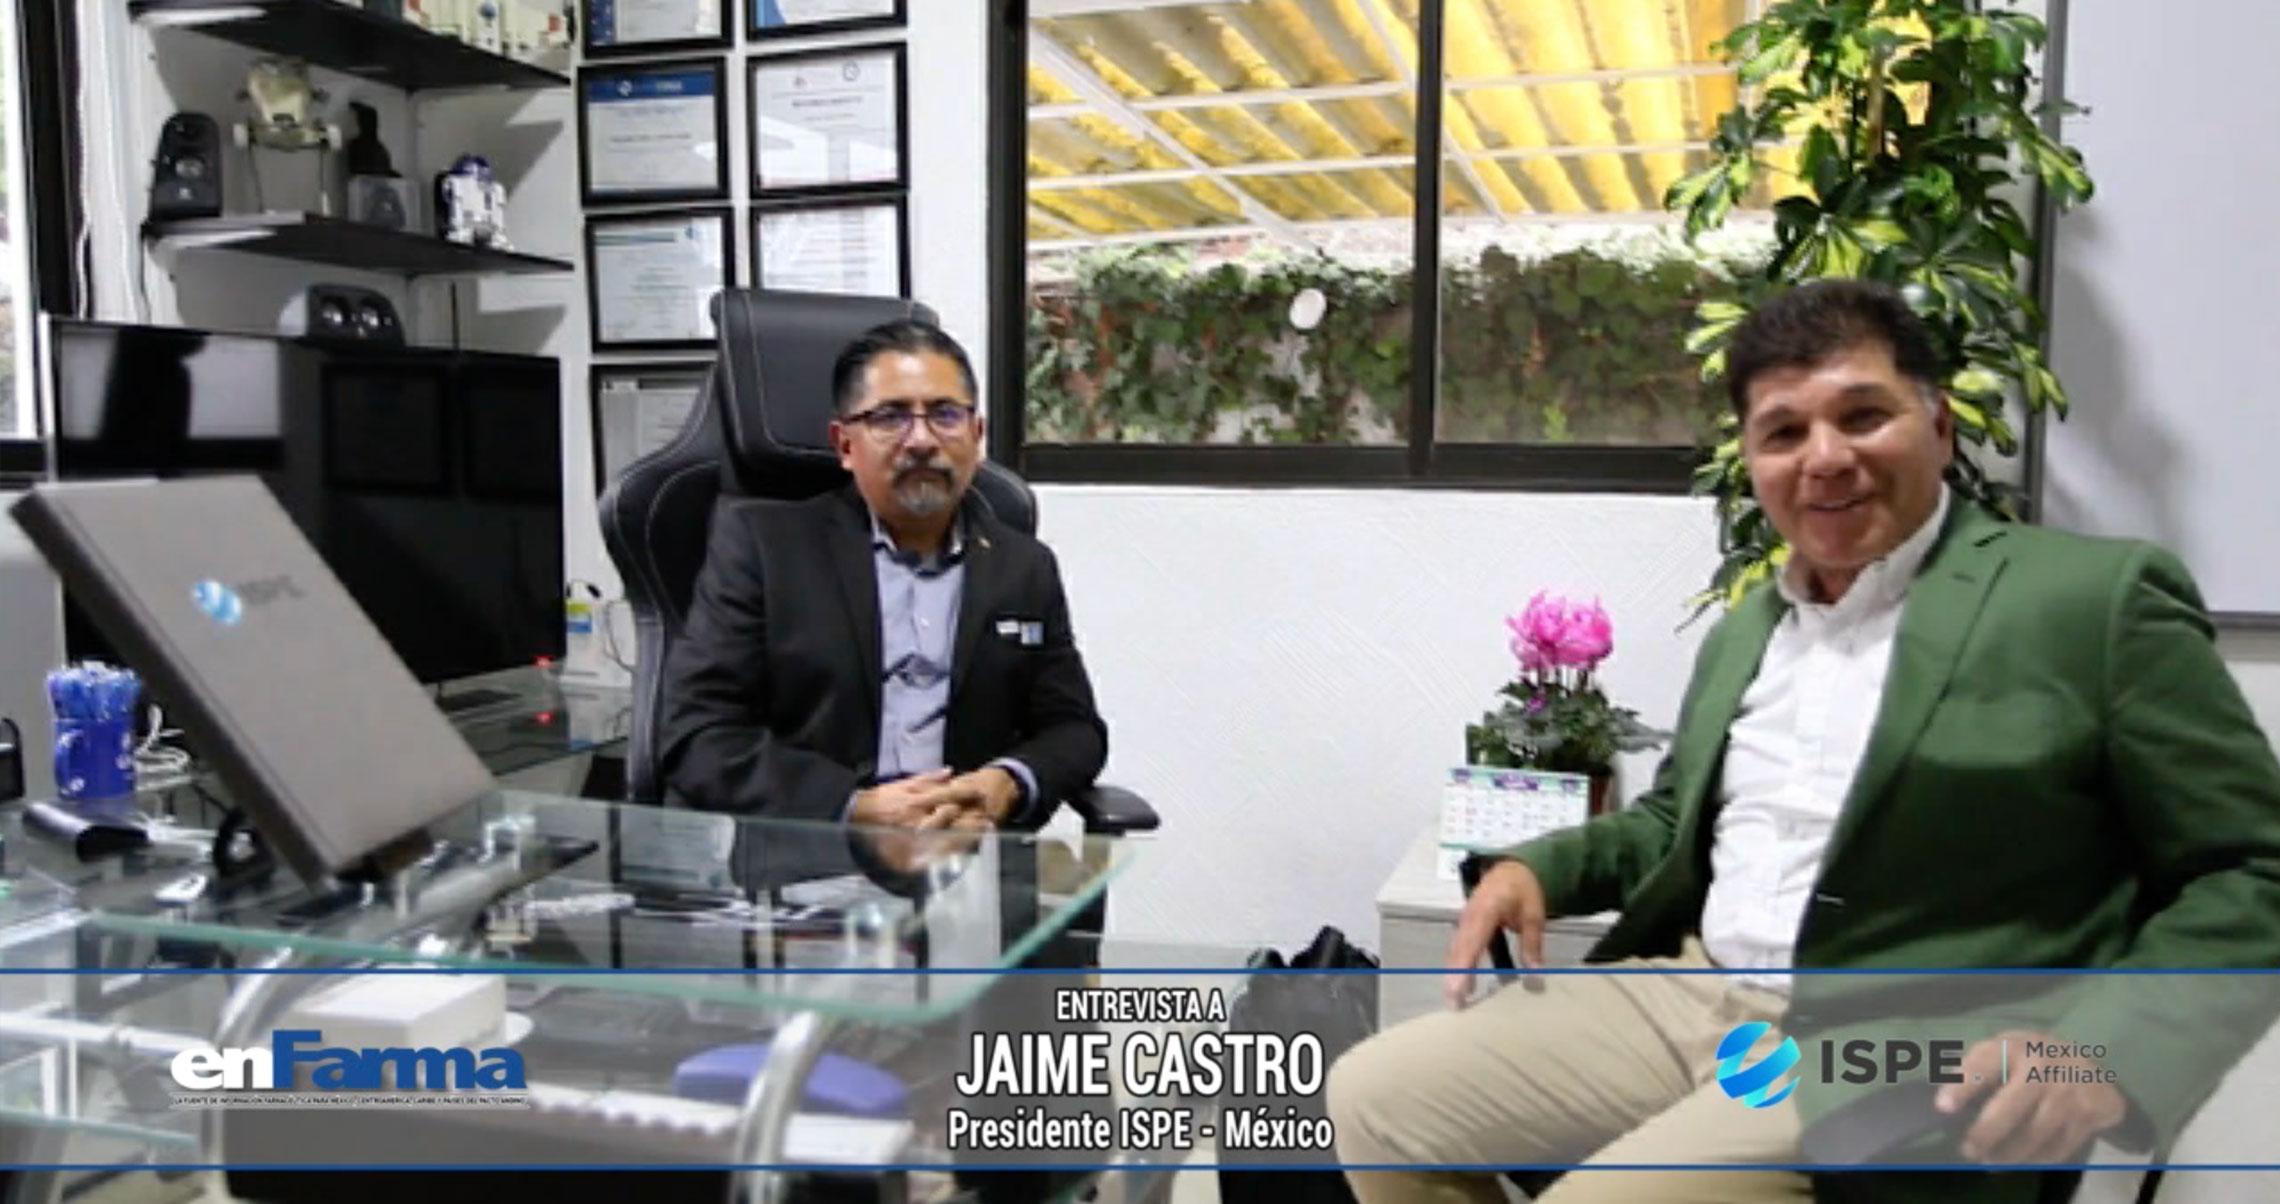 Entrevista a Jaime Castro - ISPE México